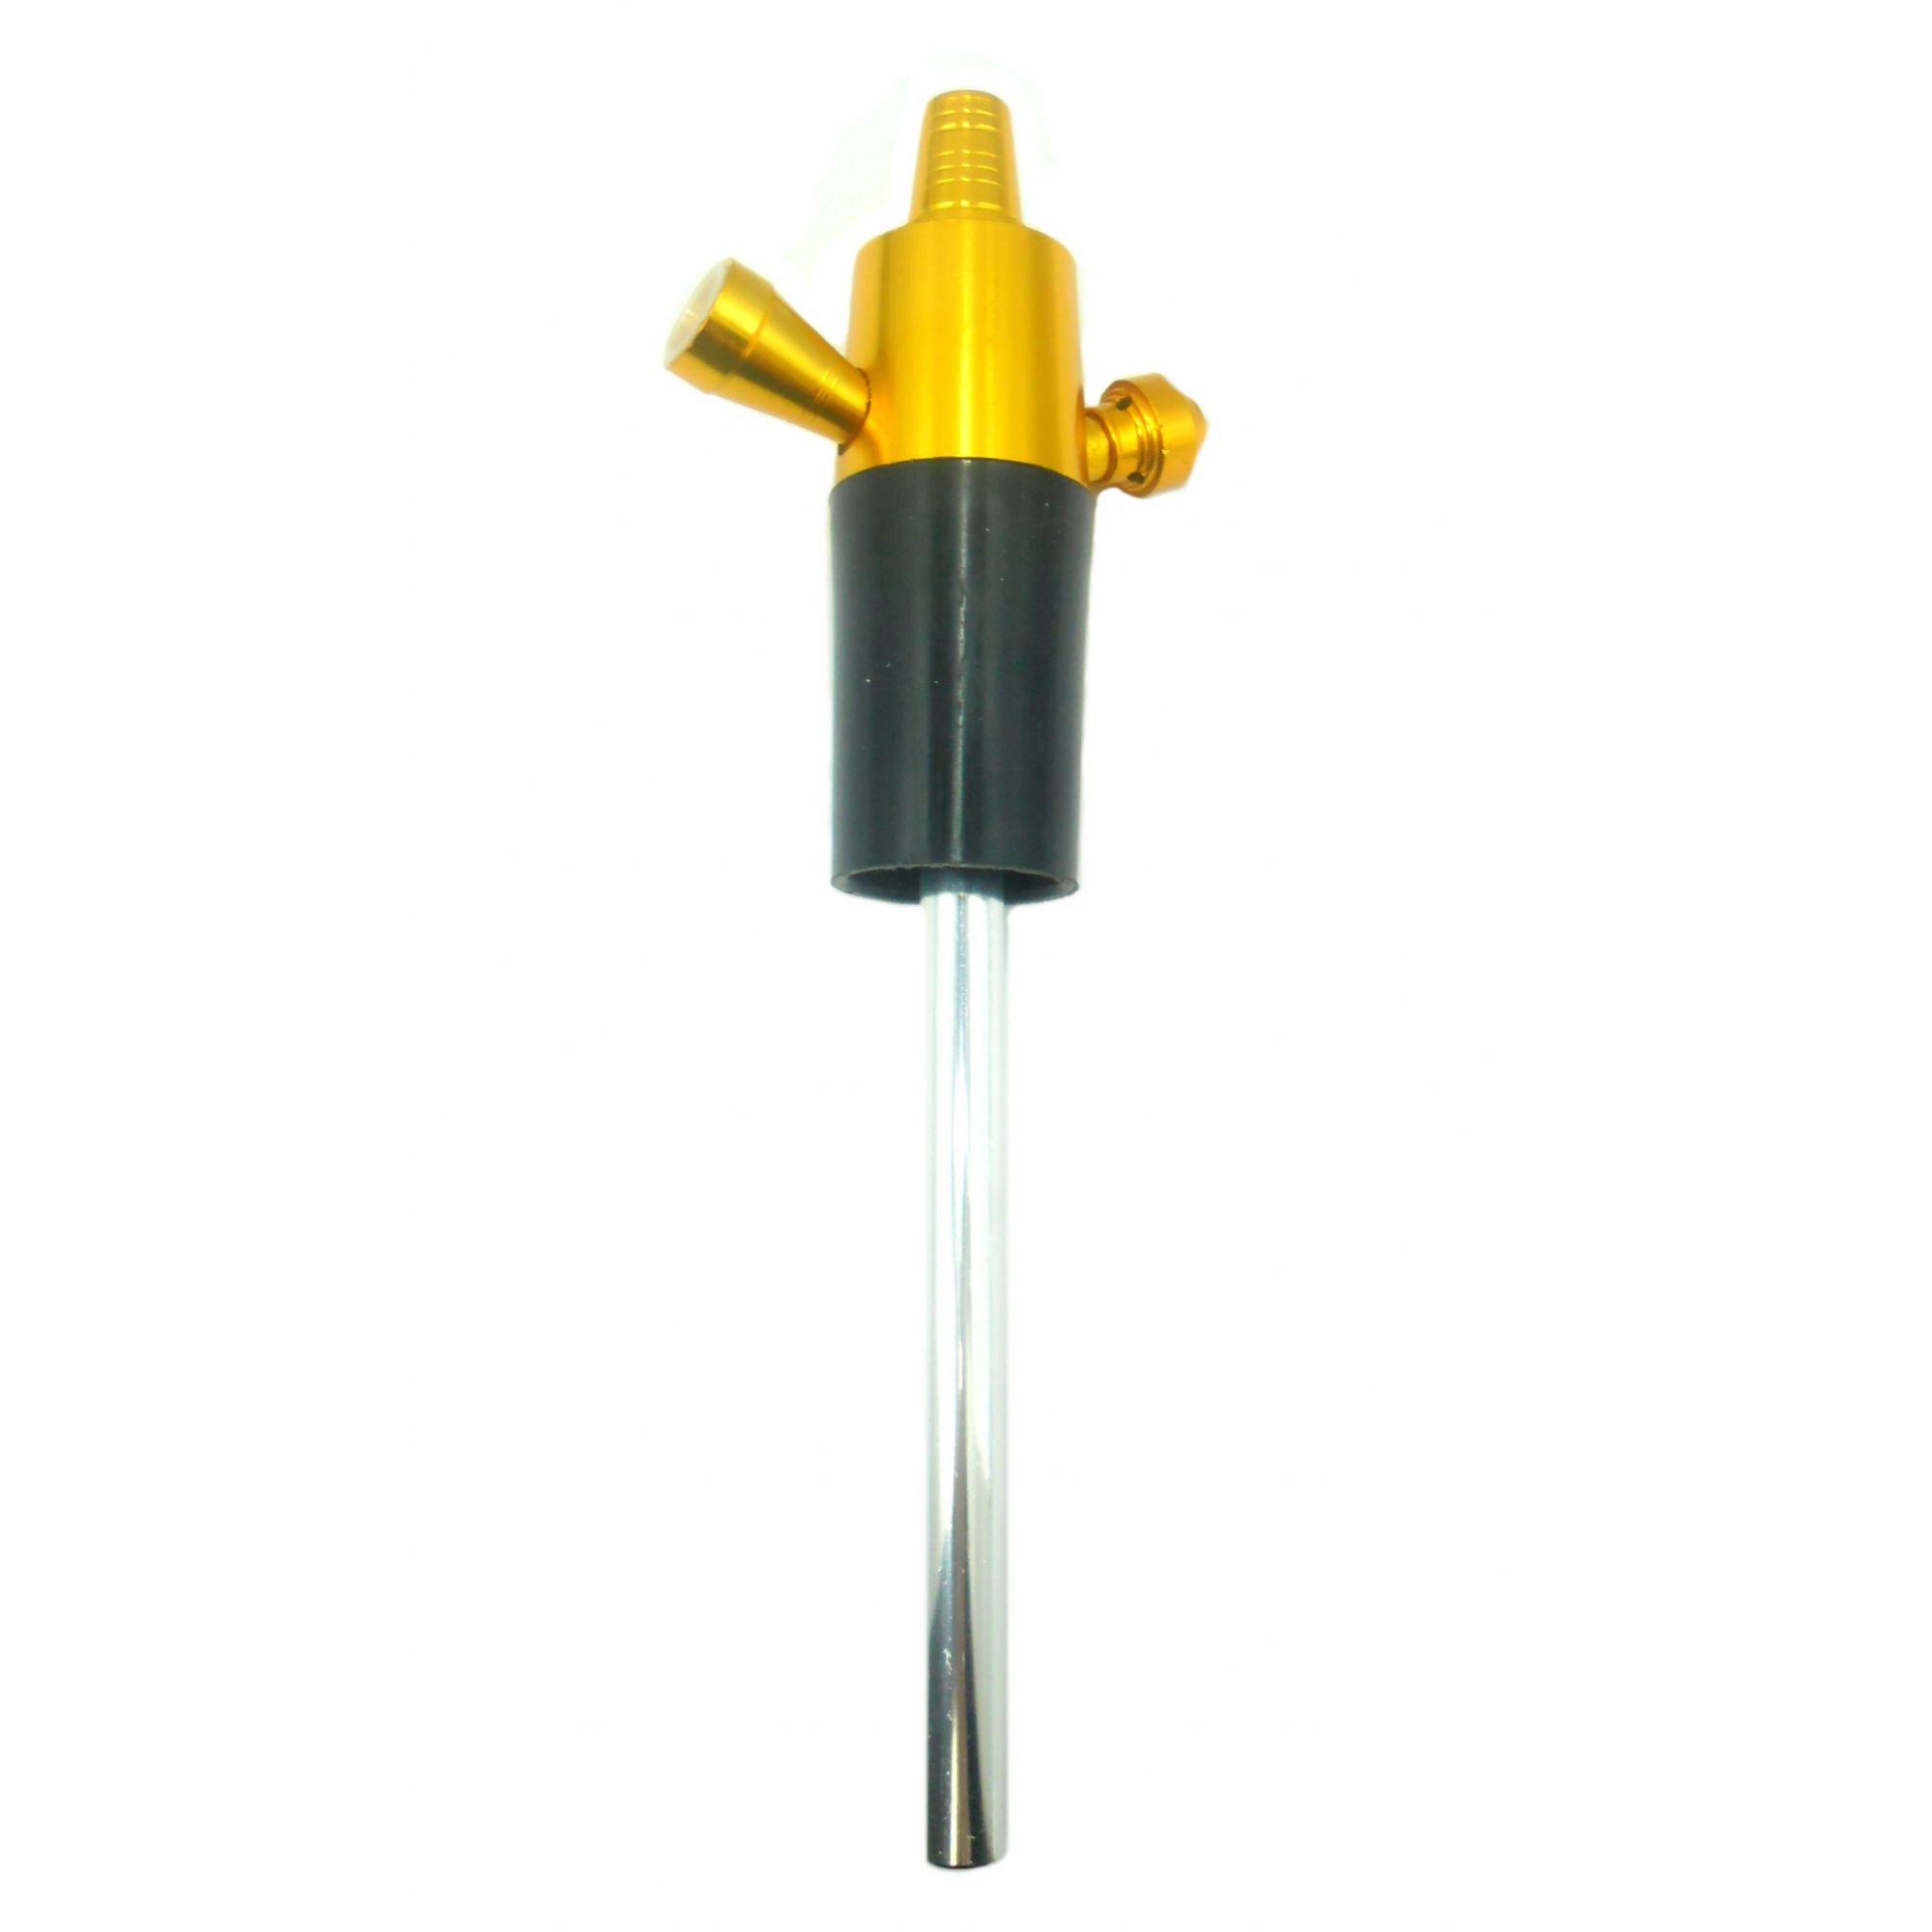 Stem (corpo de narguile) em alumínio marca NEW p/NARGUILE DE GARRAFA + Downstem (tubo interno). 26cm